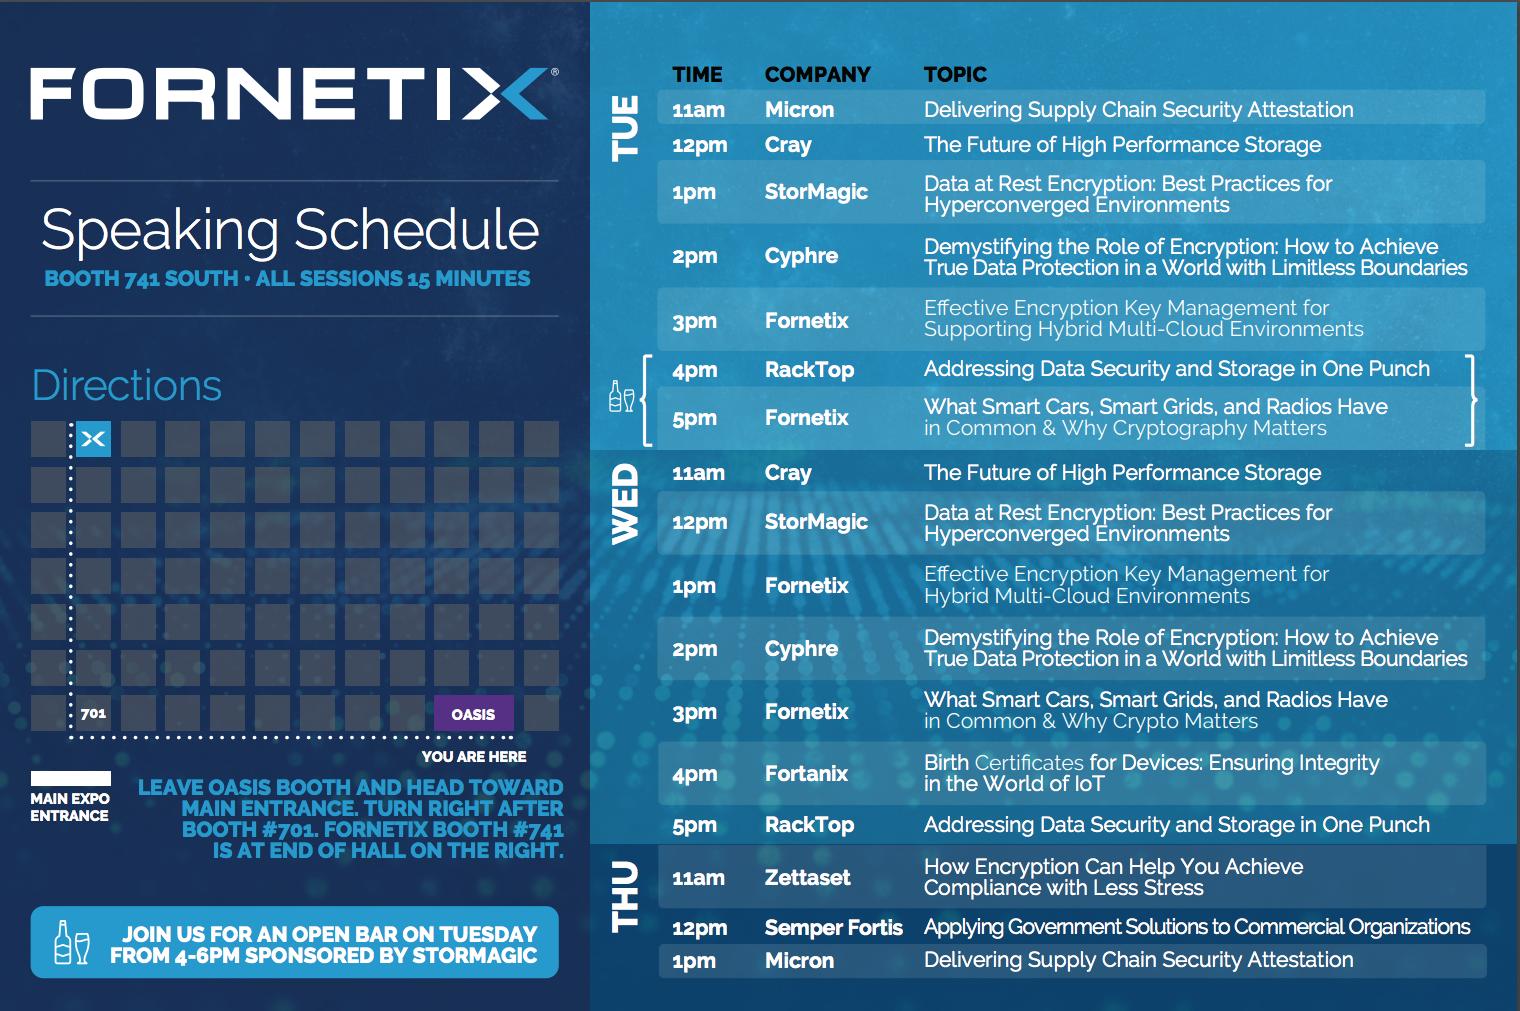 RSA speaking schedule